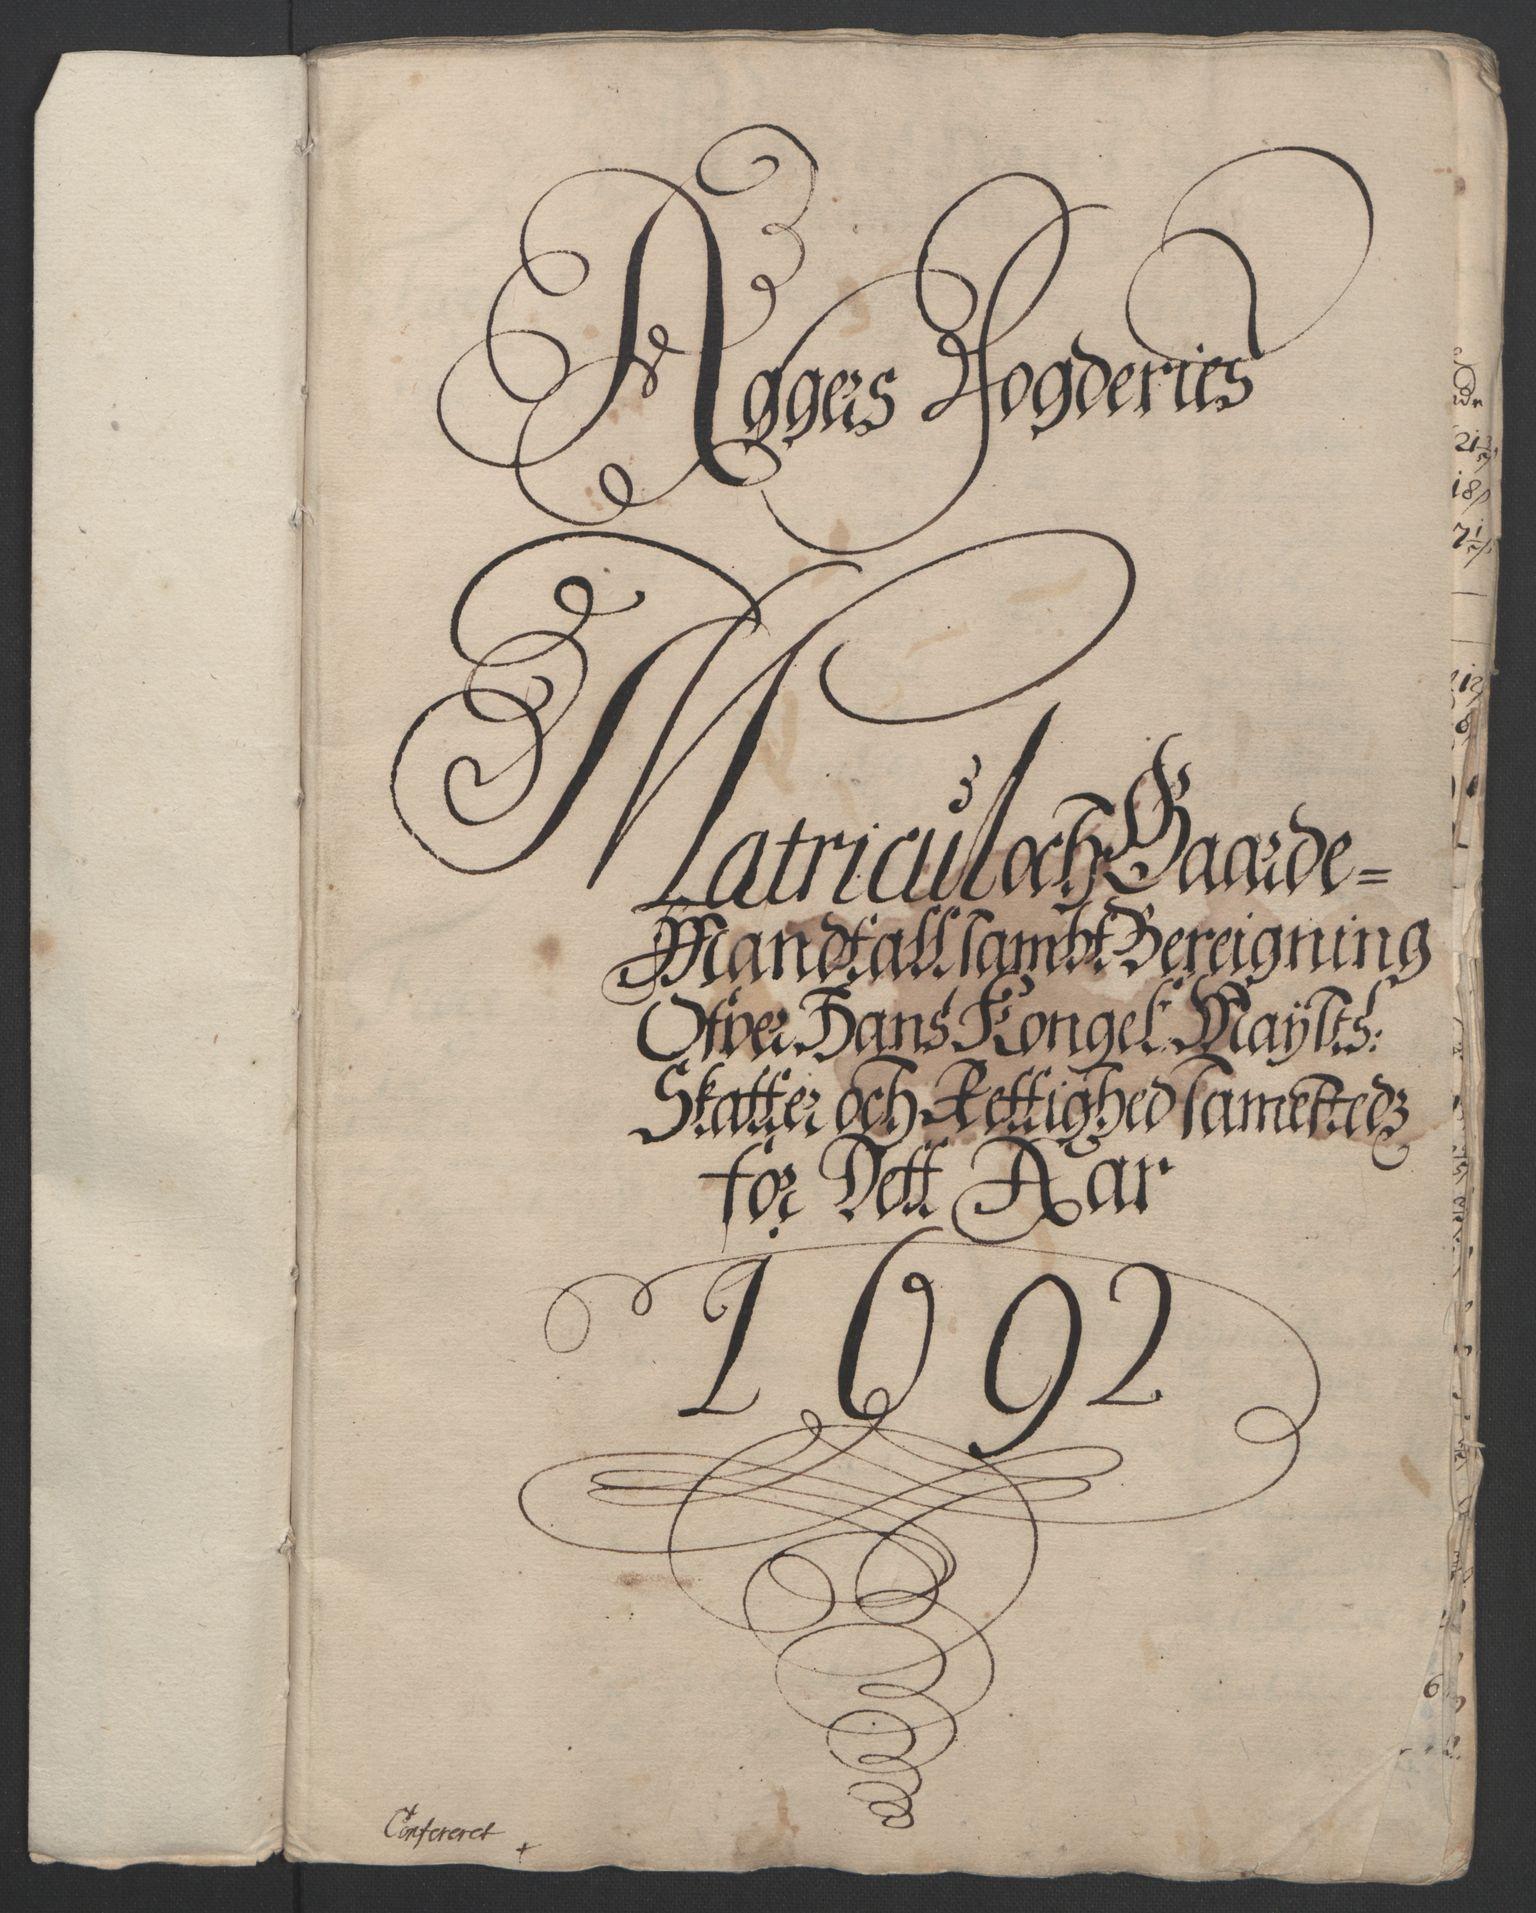 RA, Rentekammeret inntil 1814, Reviderte regnskaper, Fogderegnskap, R08/L0426: Fogderegnskap Aker, 1692-1693, s. 31